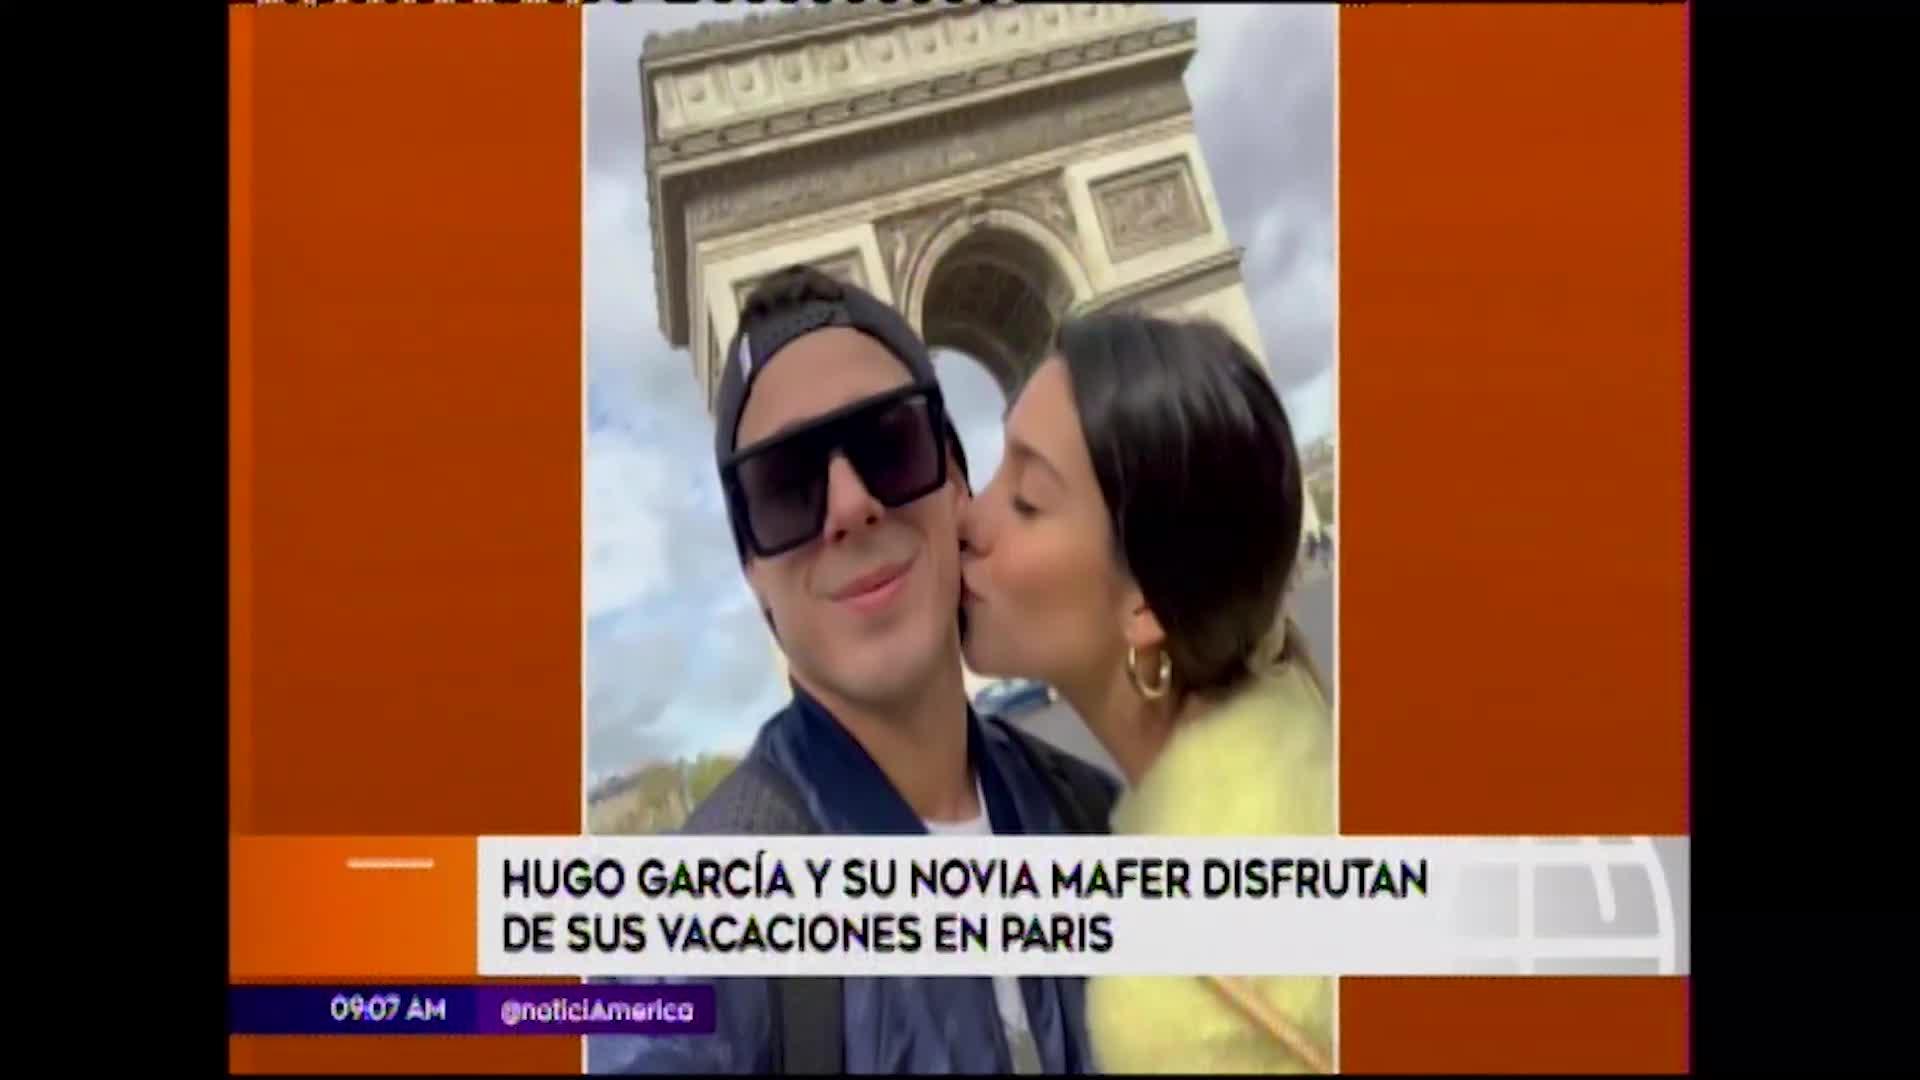 Mafer Neyra y Hugo García disfrutan de románticas vacaciones en París